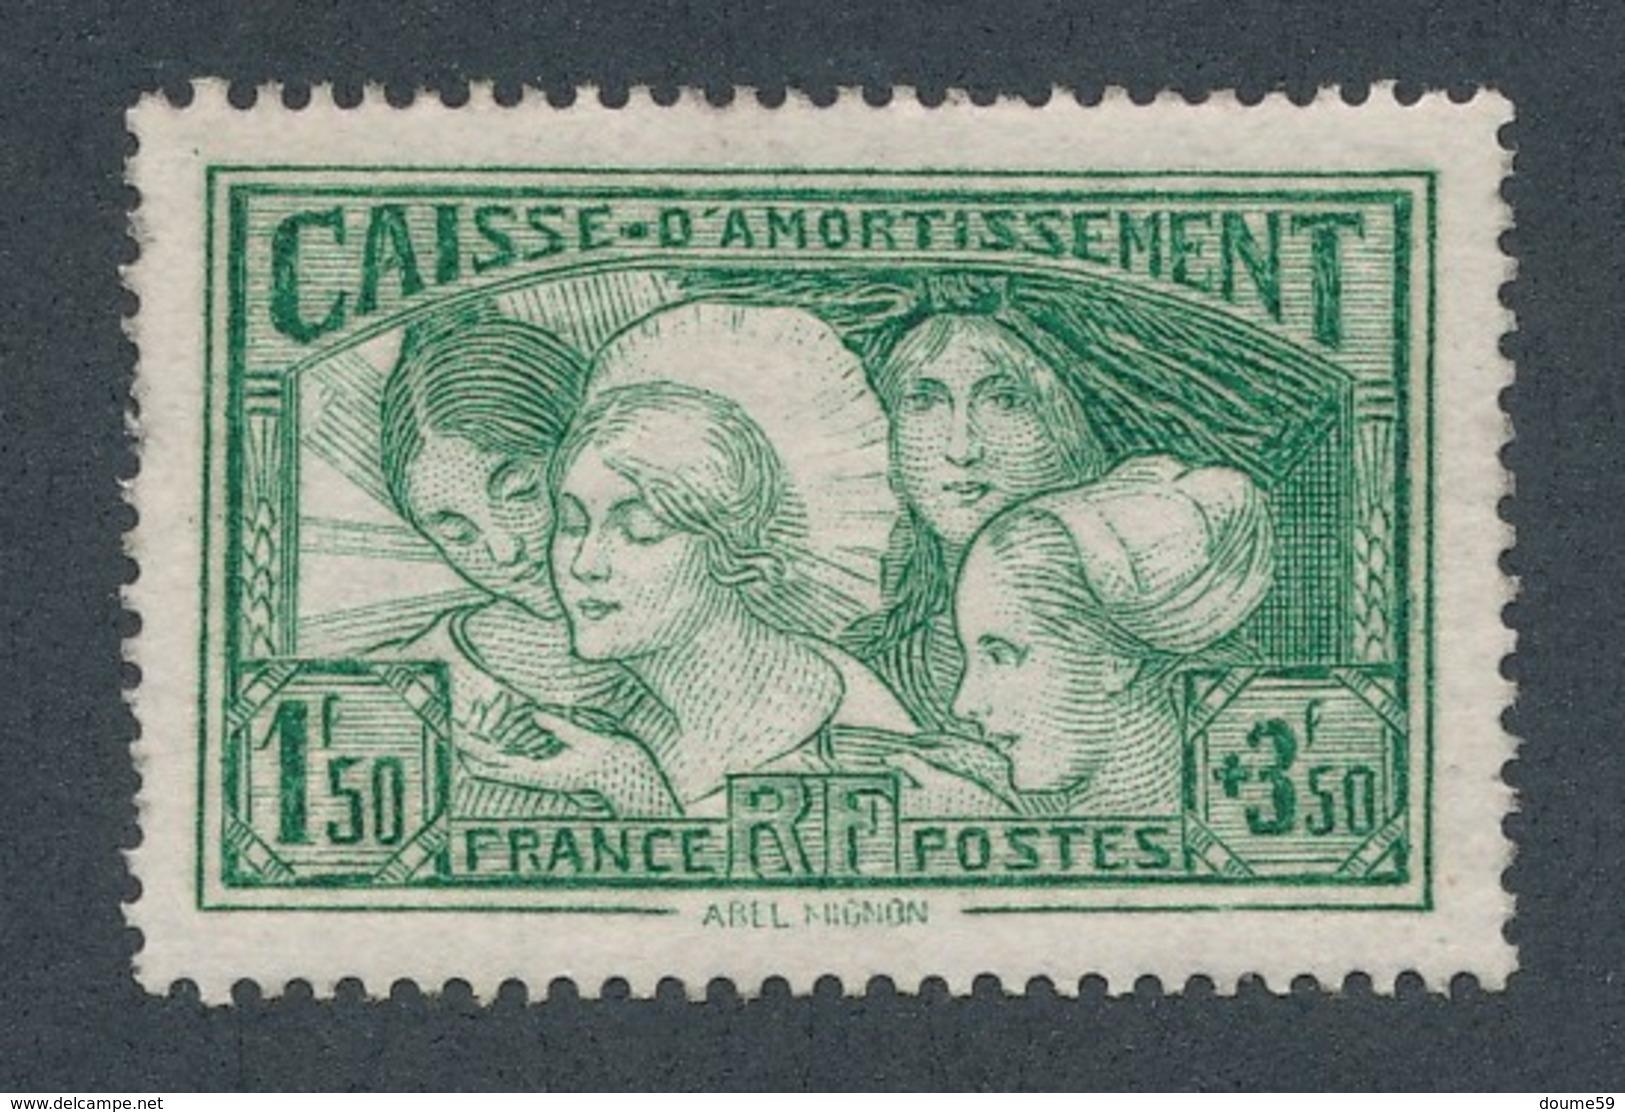 """CF-46: FRANCE: Lot  """"CAISSE D'AMORTISSEMENT"""" Avec N°269*GNO 2ème Choix - Neufs"""